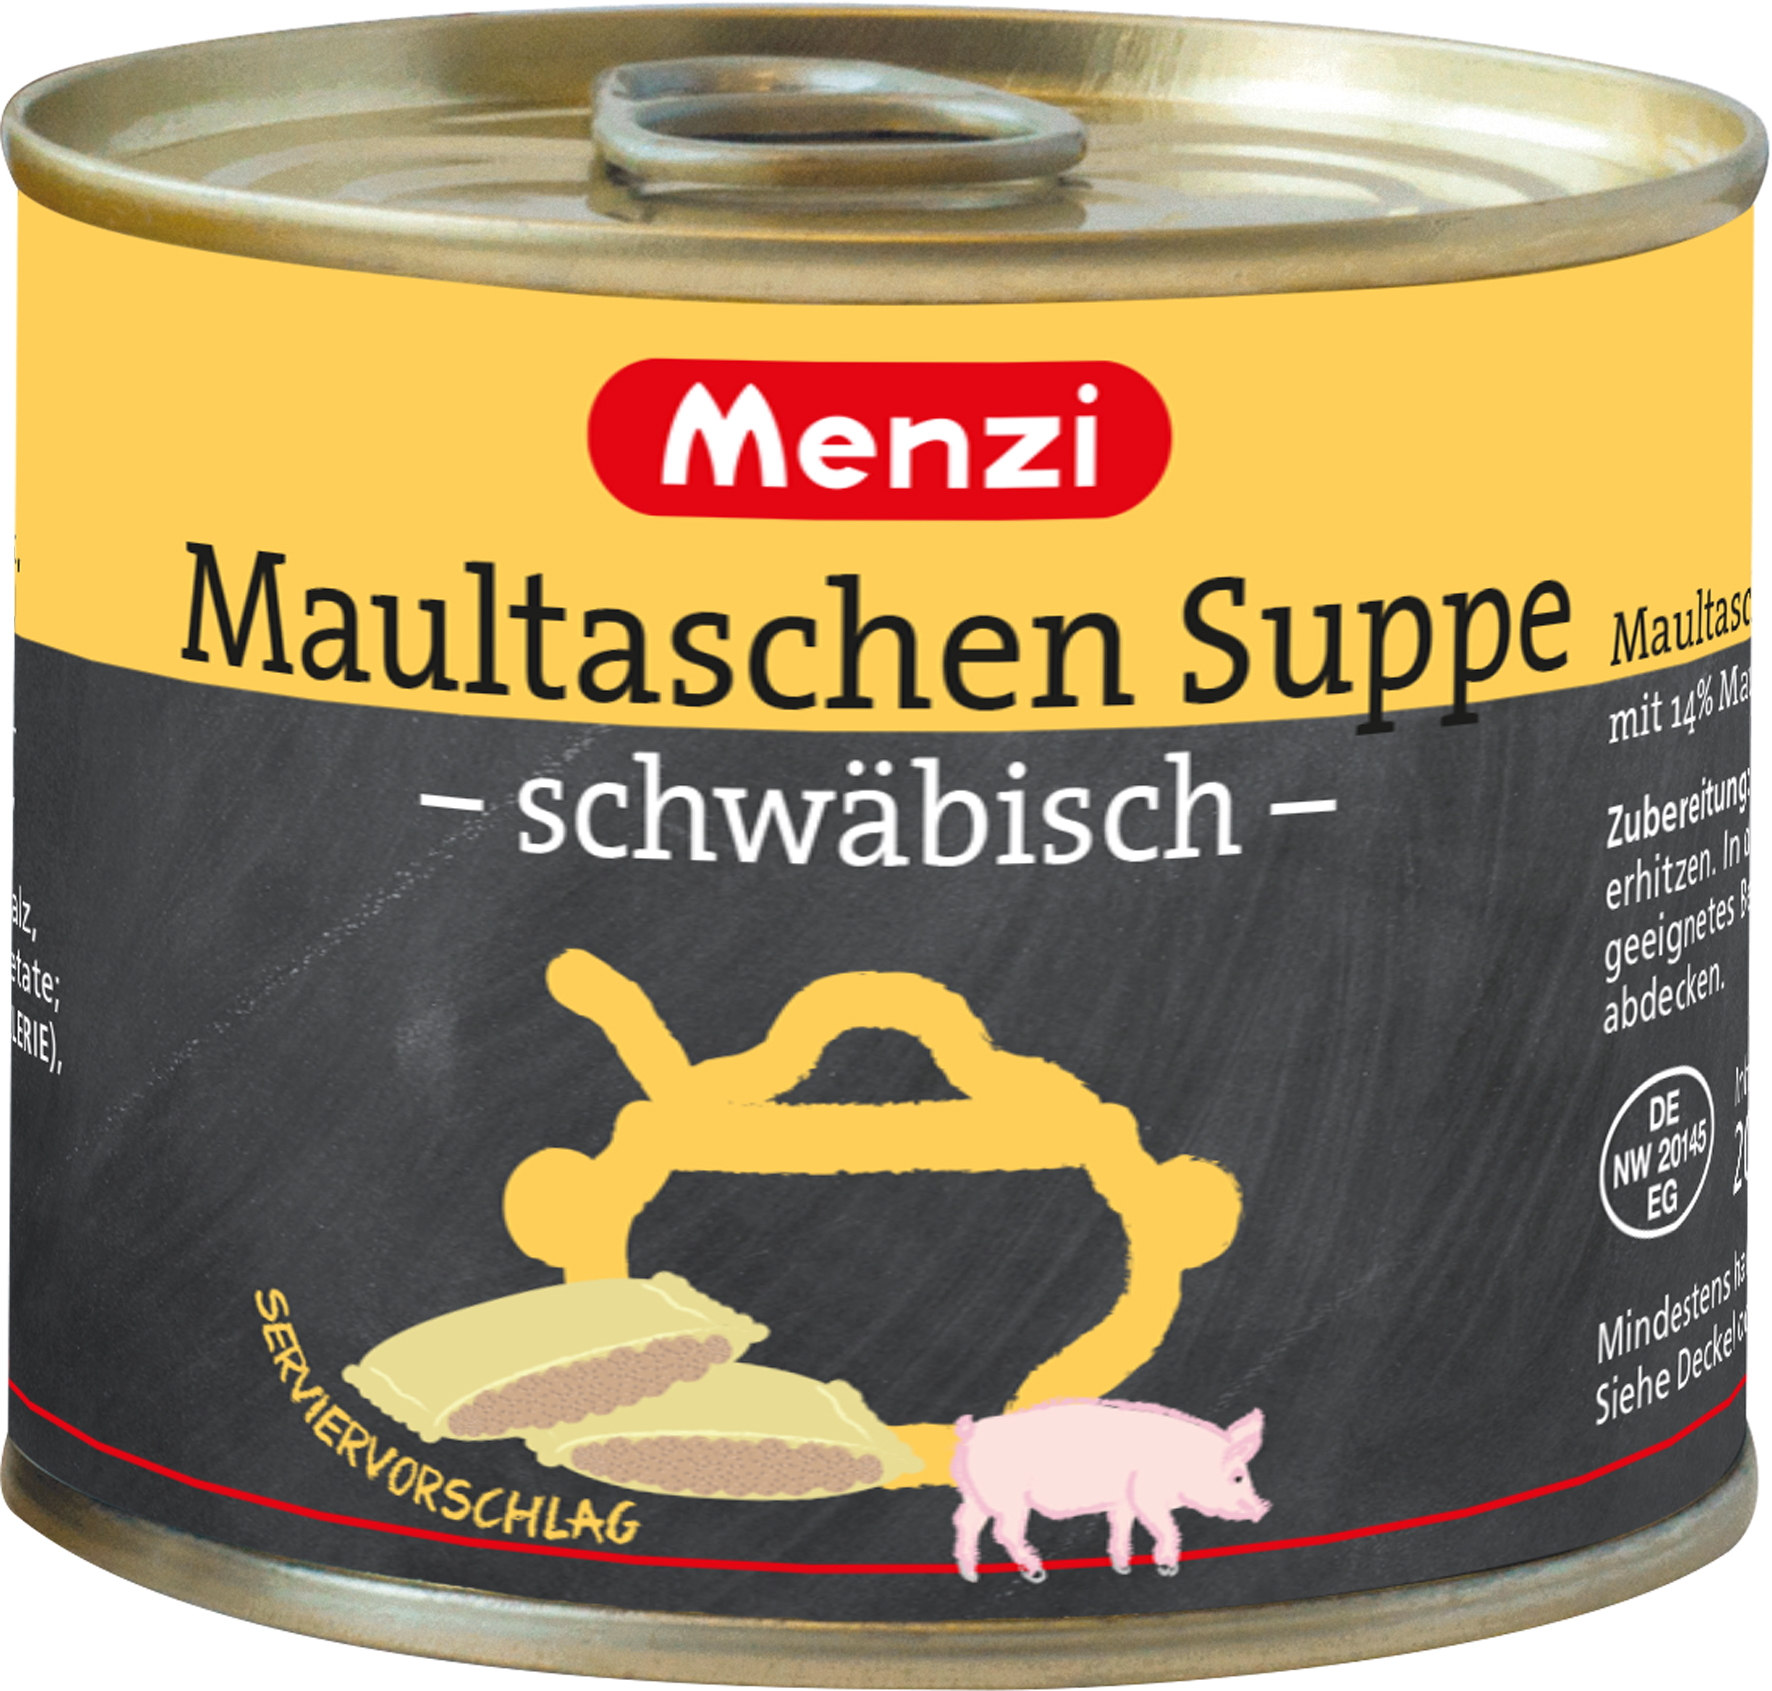 maultaschensuppe-schwabisch-von-menzi-sparpack-mit-5-x-200ml